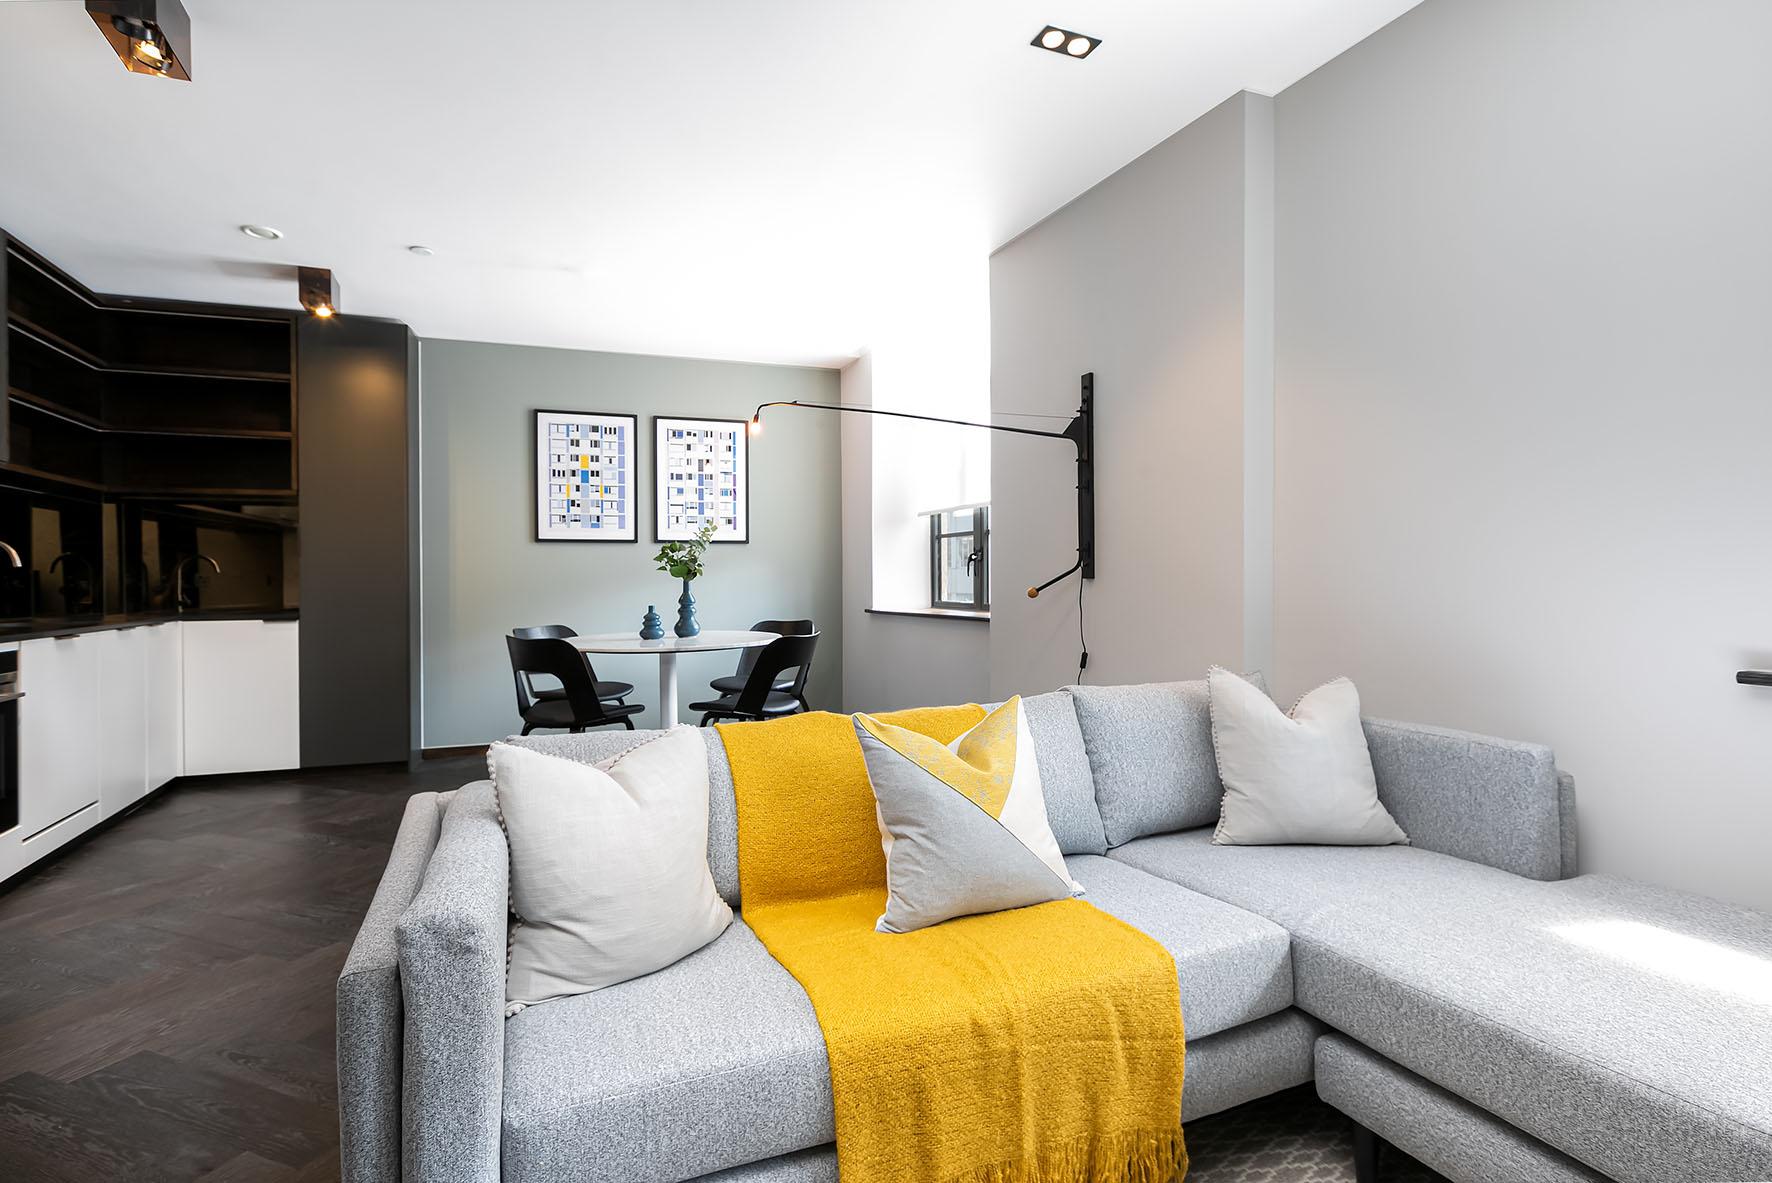 Lovelydays luxury service apartment rental - London - Soho - Oxford Street V - Lovelysuite - 1 bedrooms - 1 bathrooms - Luxury living room - 0e8c1bce9eb0 - Lovelydays